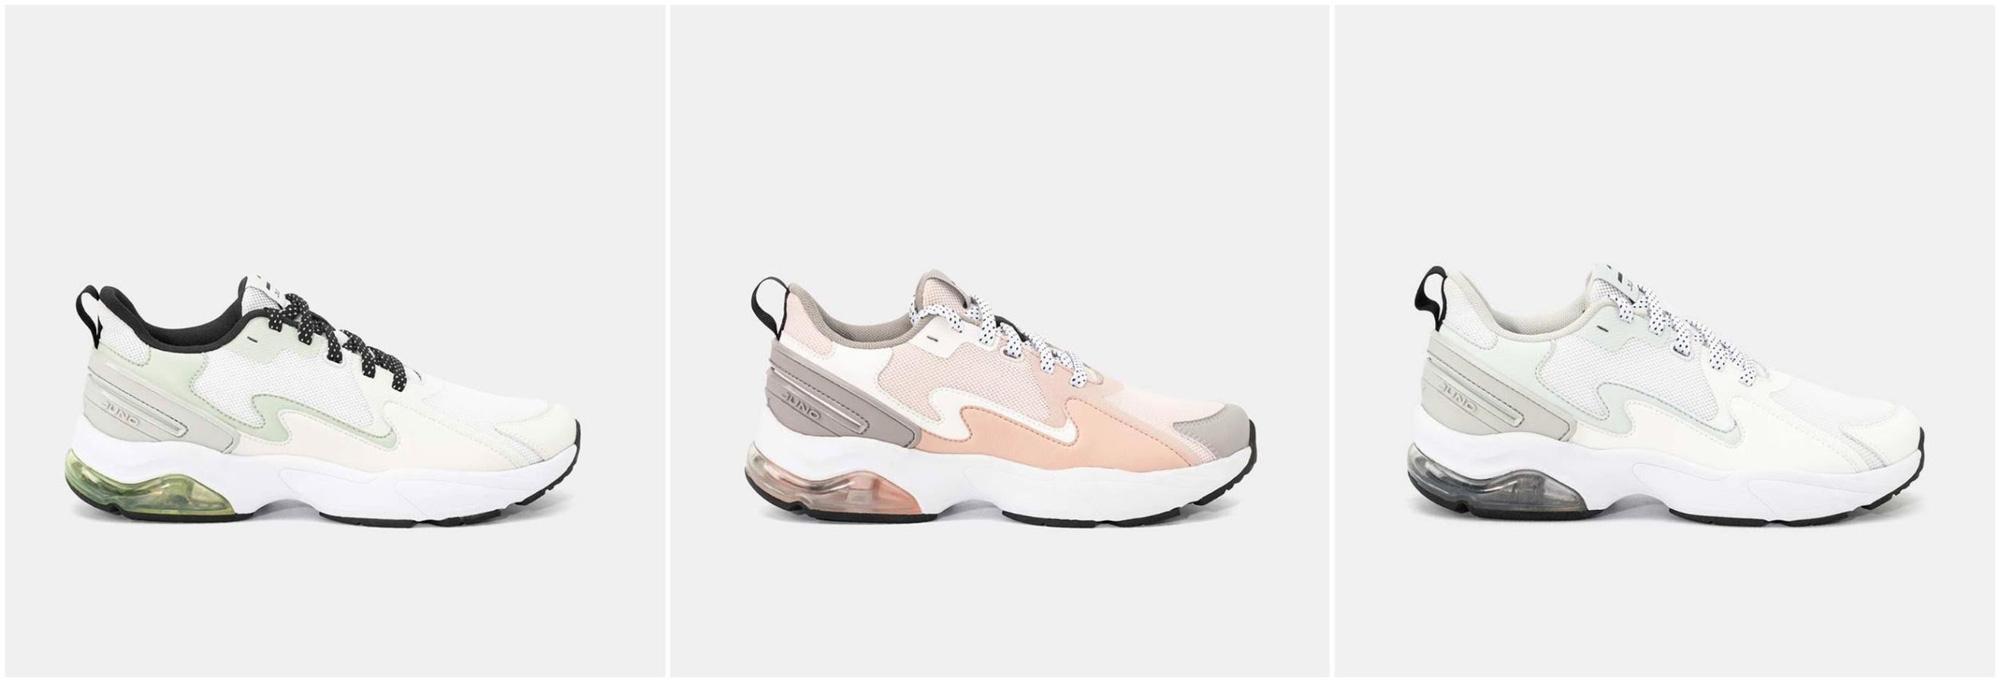 Tết này sắm ngay 5 mẫu sneakers trendy sau để mix kiểu gì cũng ổn, tiện học luôn cách thả thính cực hot bằng dây giày-9